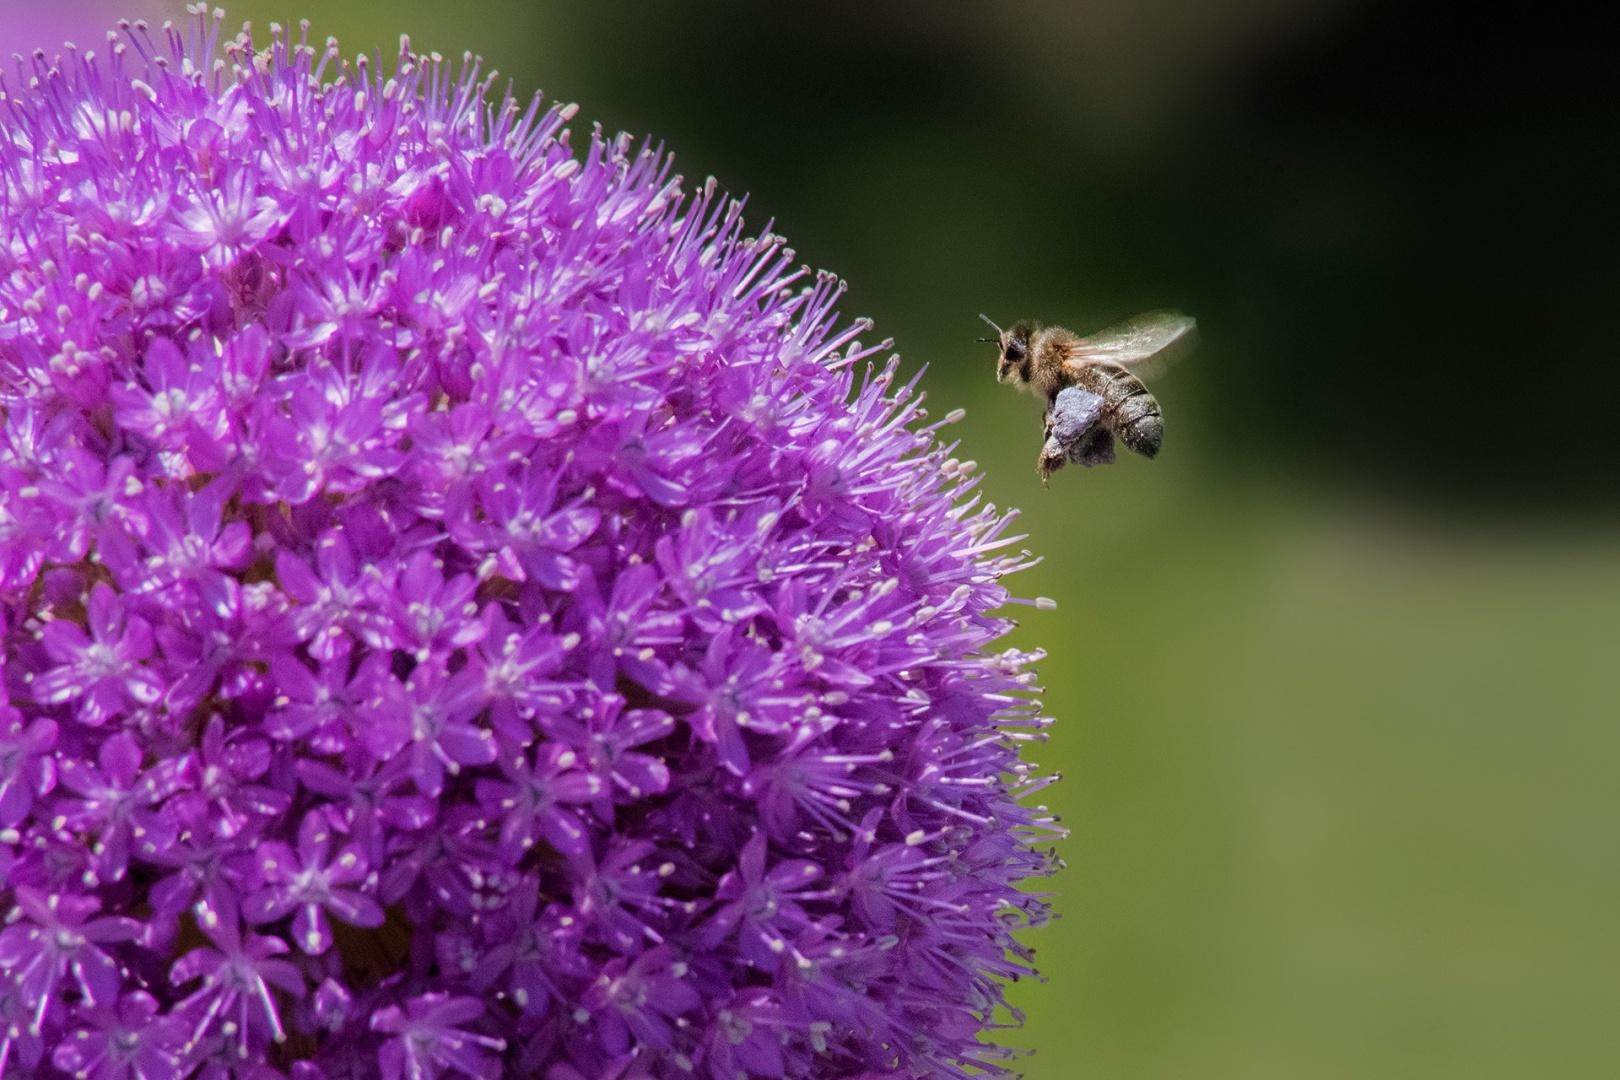 Macro/carregando néctar #2